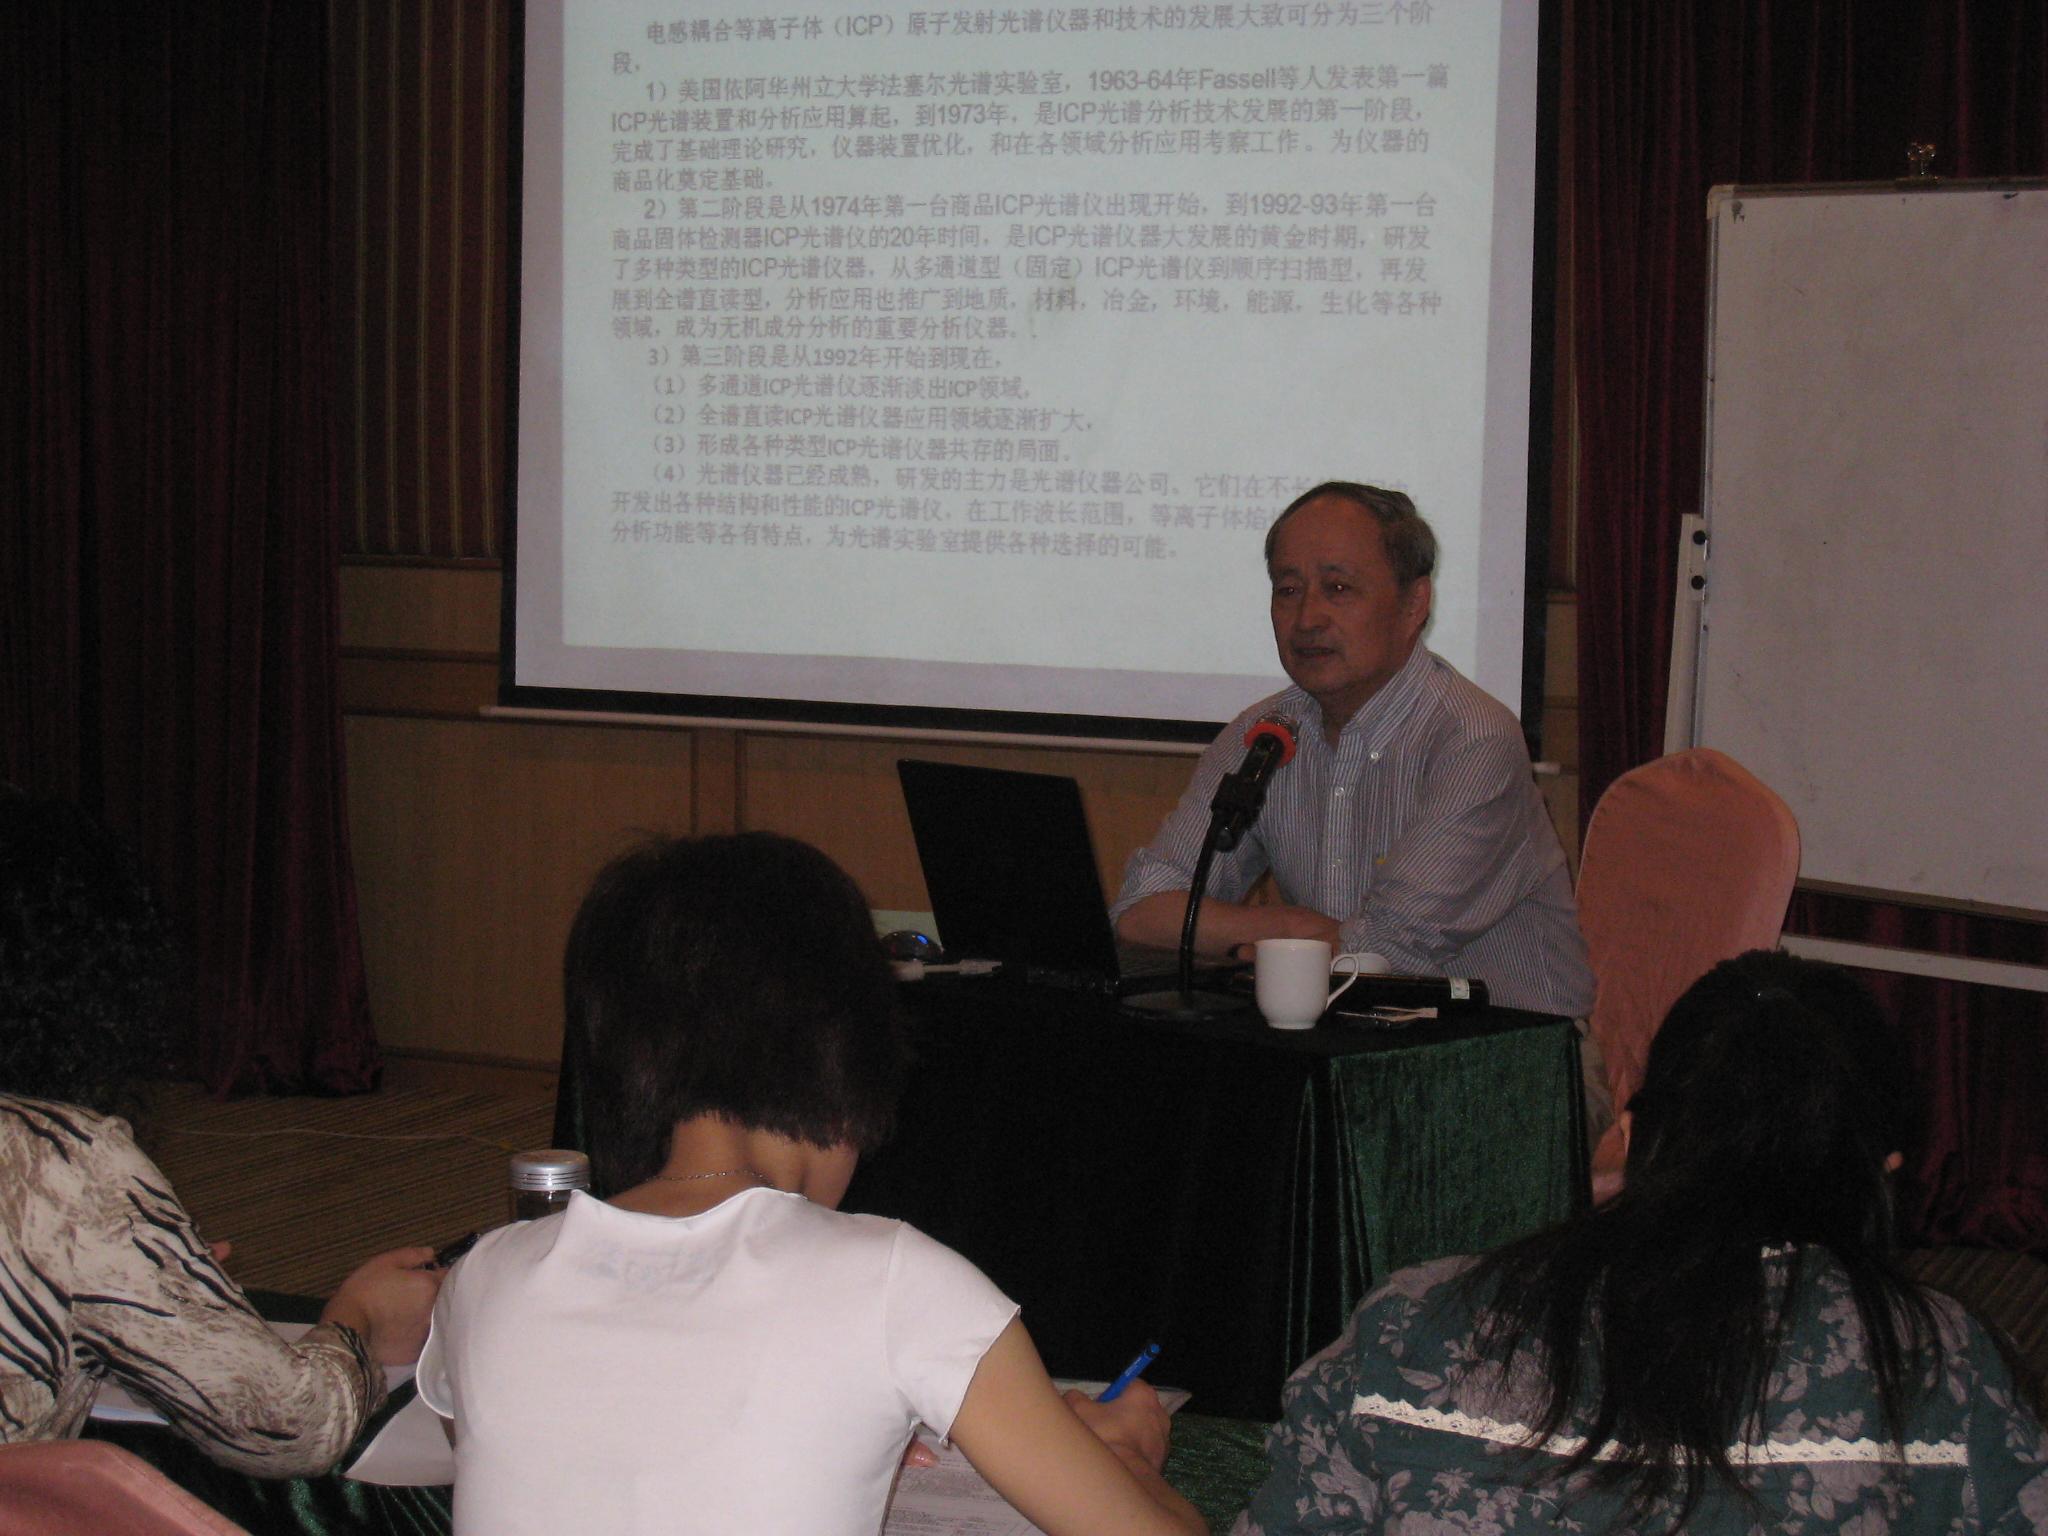 清华大学教授辛仁轩照片